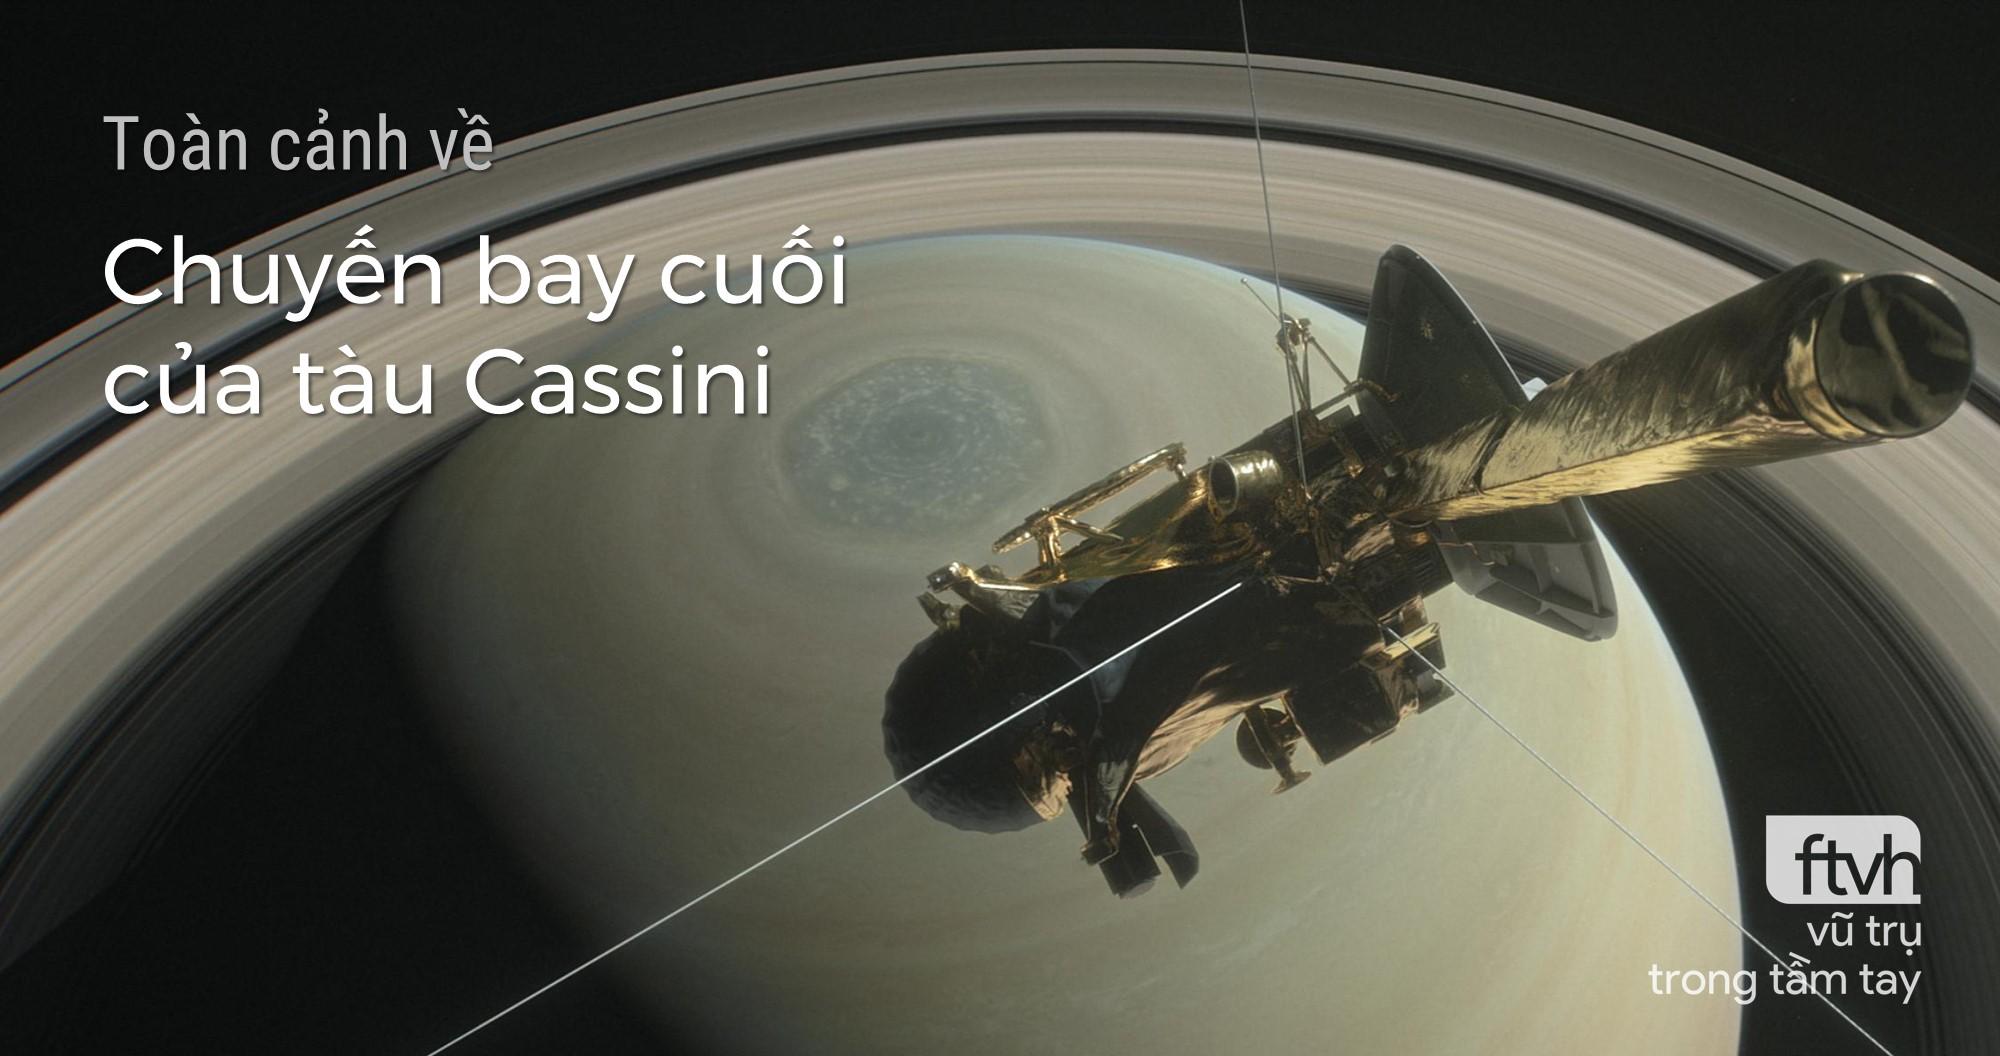 Toàn cảnh về chuyến bay cuối cùng, chấm dứt sứ mệnh của Cassini